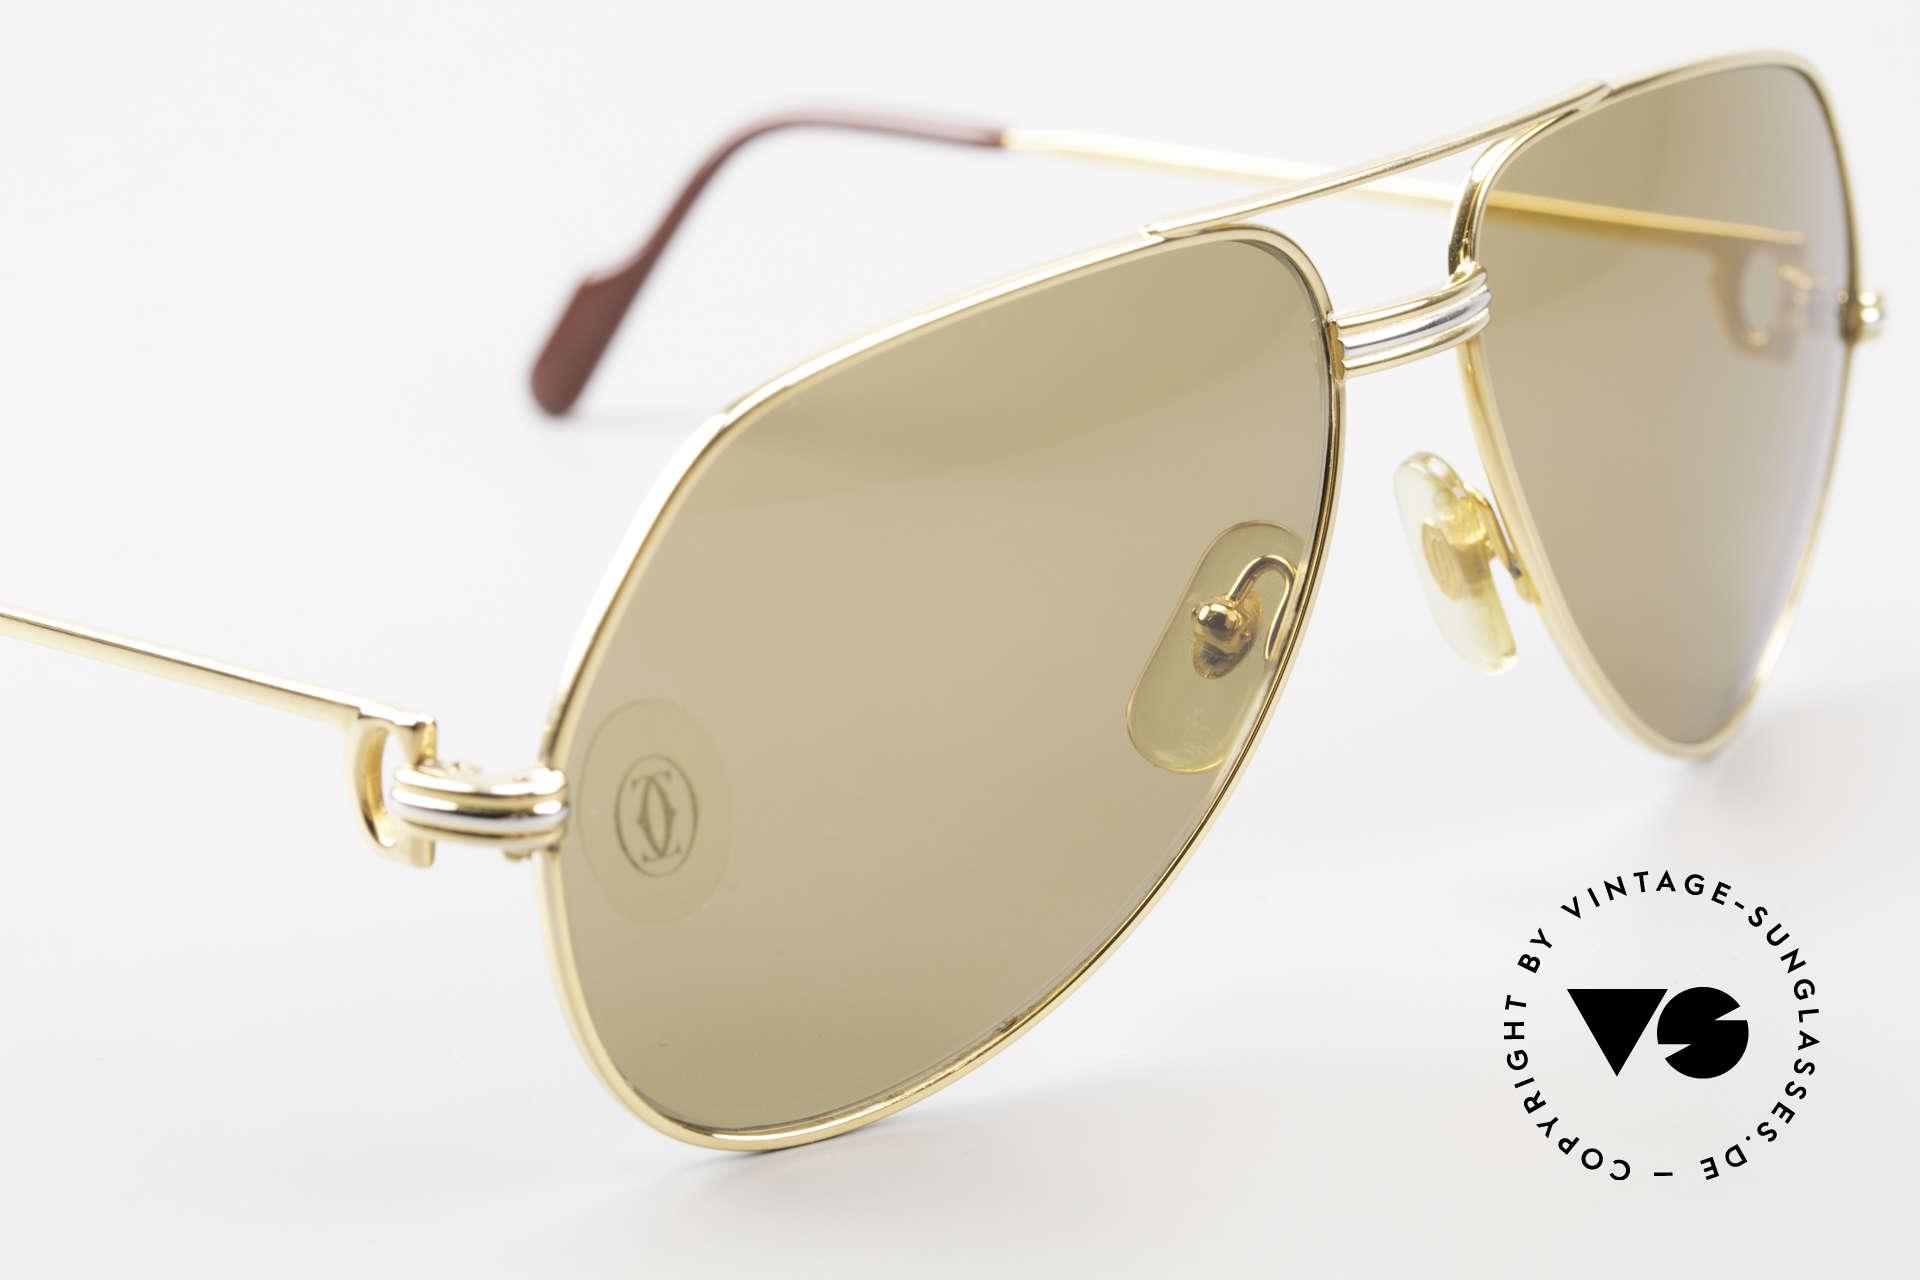 Cartier Vendome LC - M Cartierglas Mit Hauch Zeichen, Gläser anhauchen und das CARTIER-Logo wird sichtbar, Passend für Herren